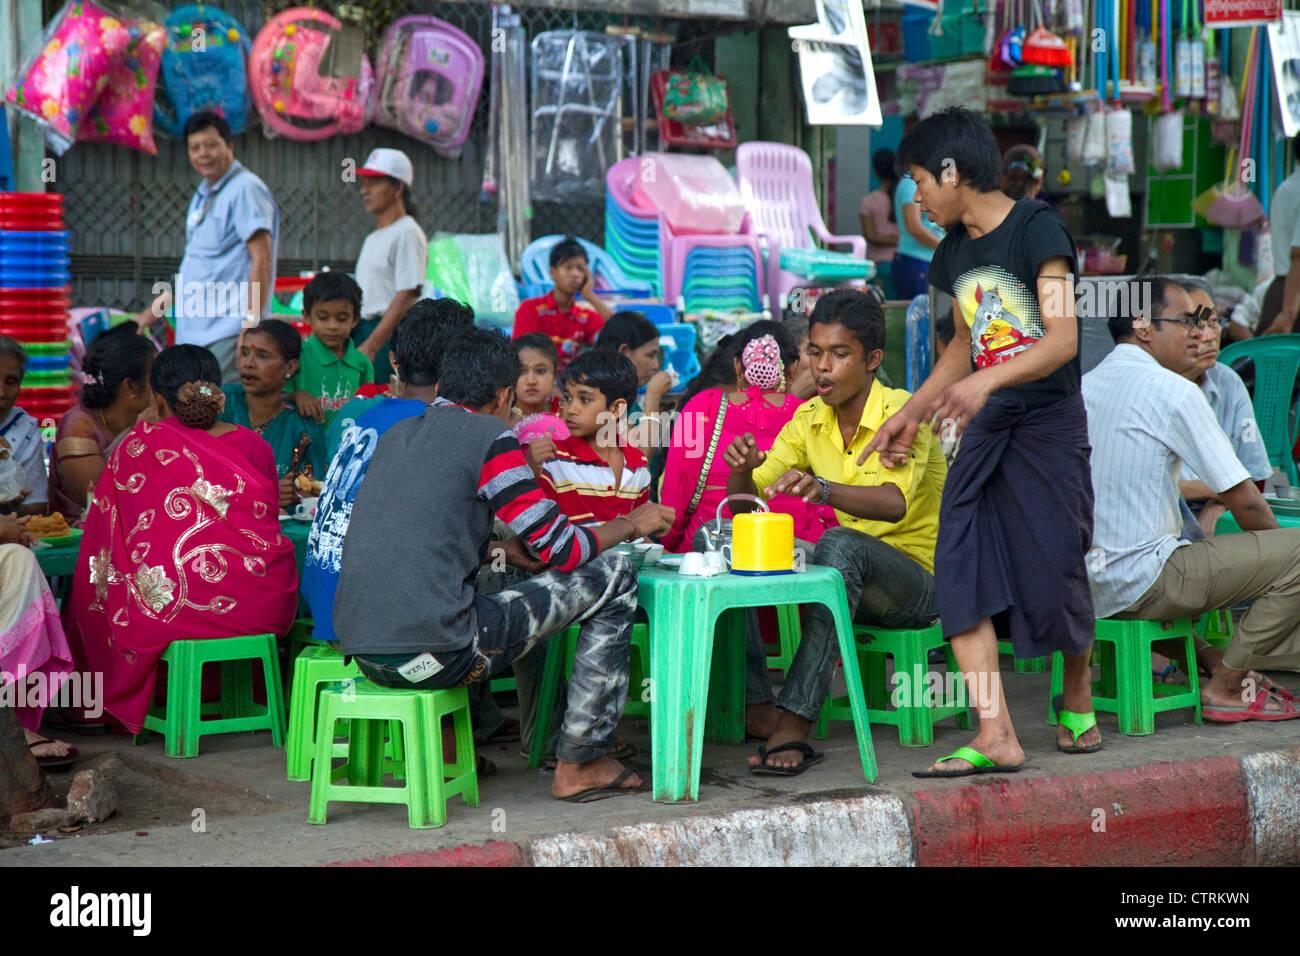 Birmanische Menschen Essen und trinken an kleinen Tischen und Stühlen im Freien in Yangon (Rangoon), Myanmar Stockbild